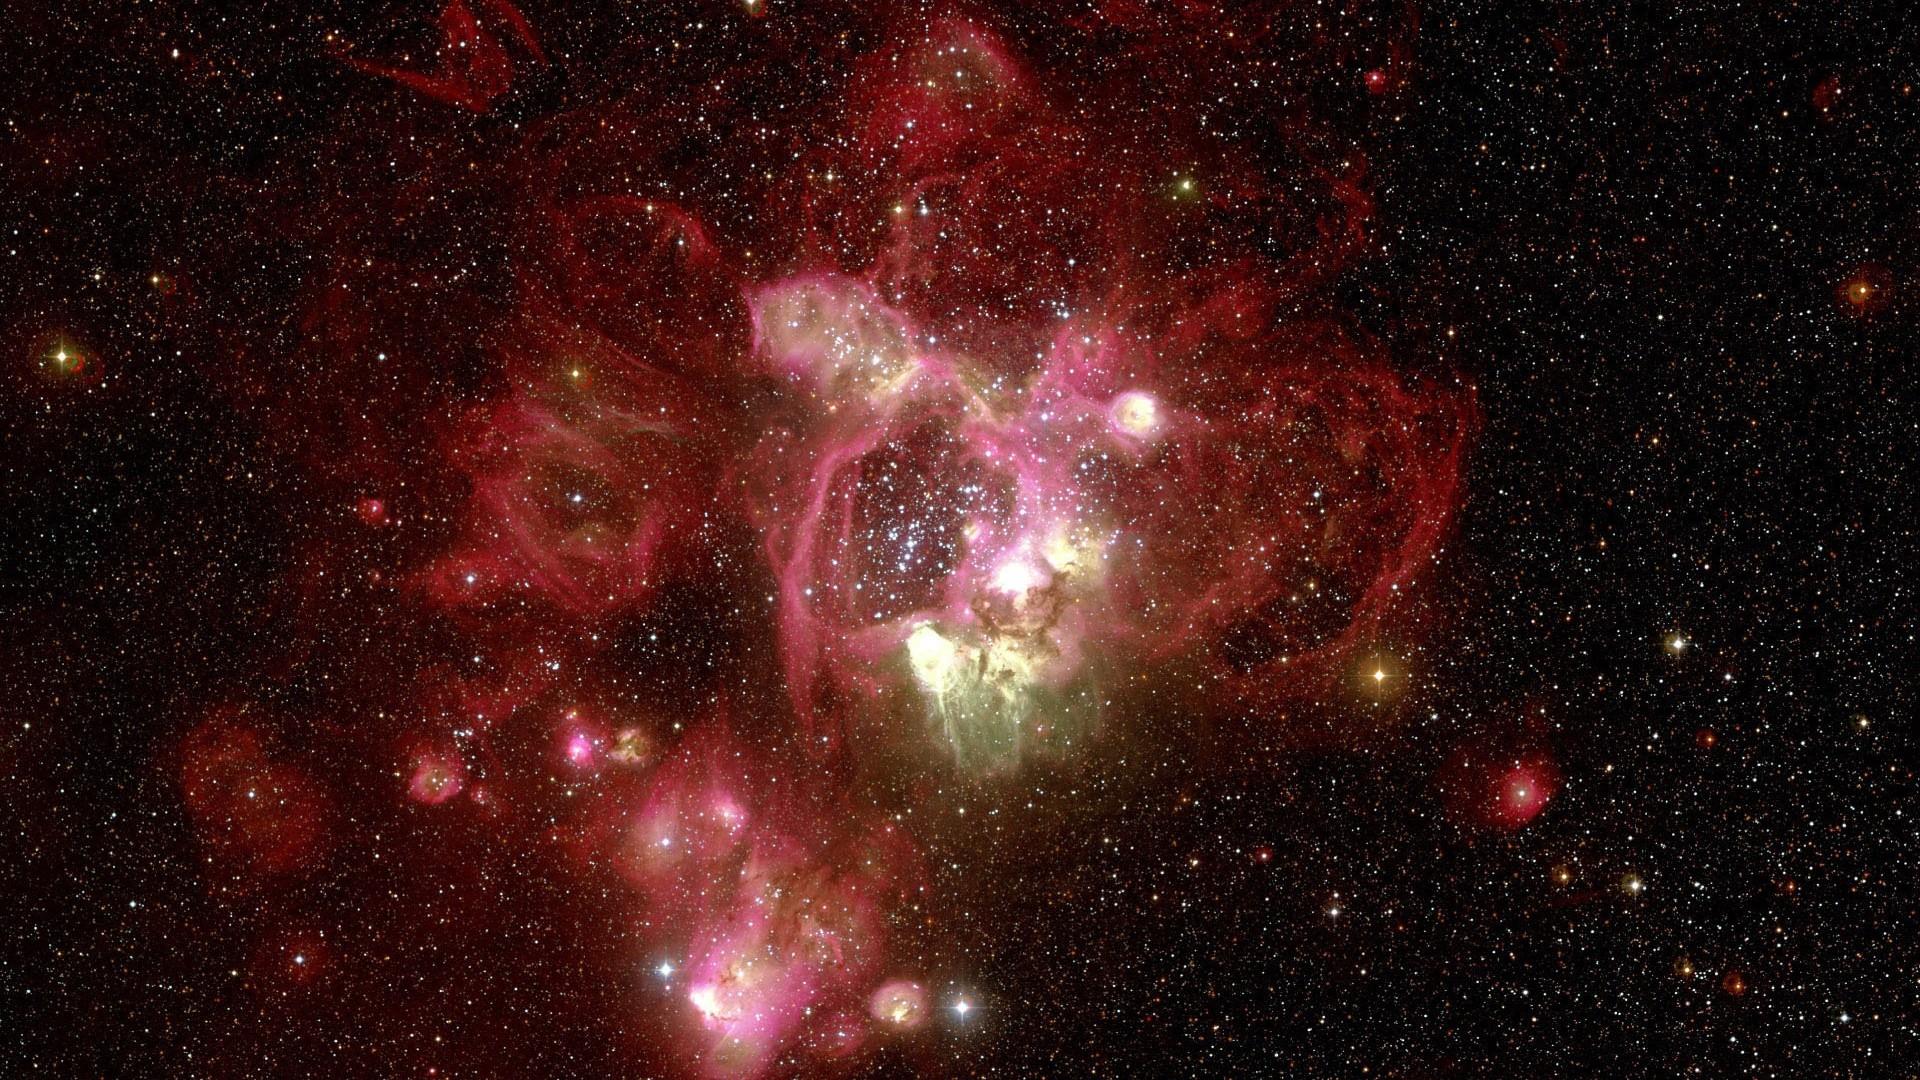 nebula, red, hubble